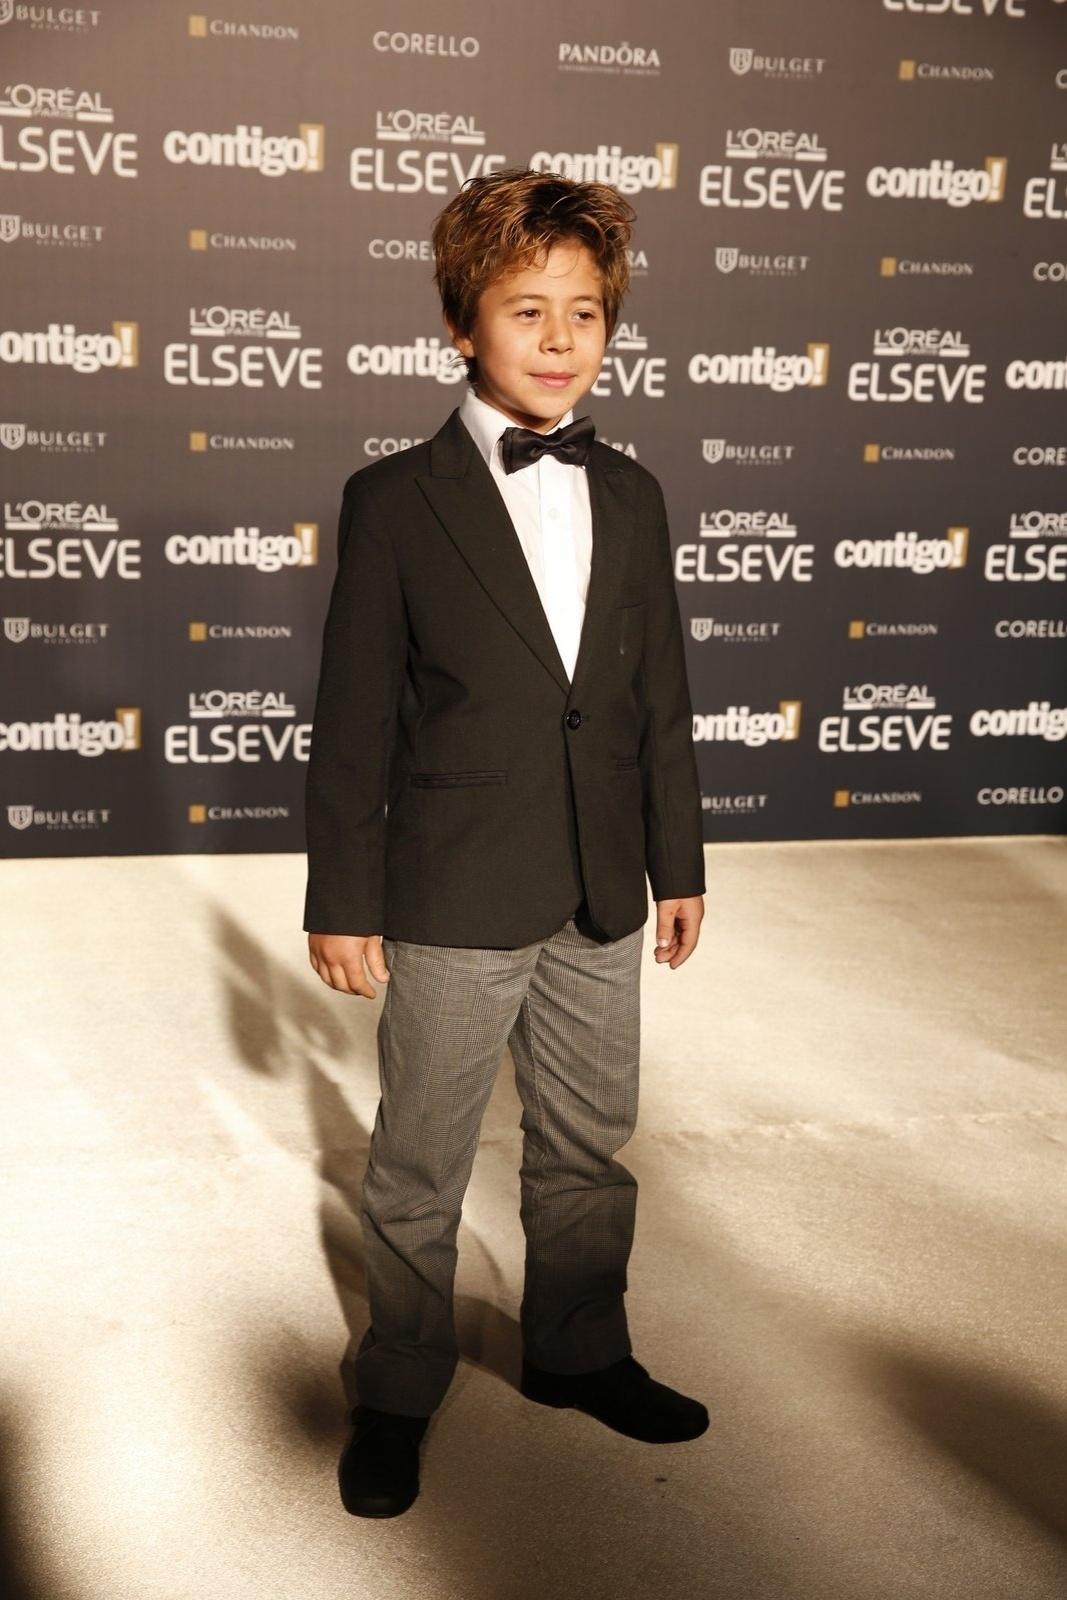 28.jul.2014 - O ator Tomás Sampaio prestigou a 16ª edição do Prêmio Contigo! de TV, realizado no hotel Copacabana Palace, no Rio. Ele concorreu ao troféu de melhor ator infantil por